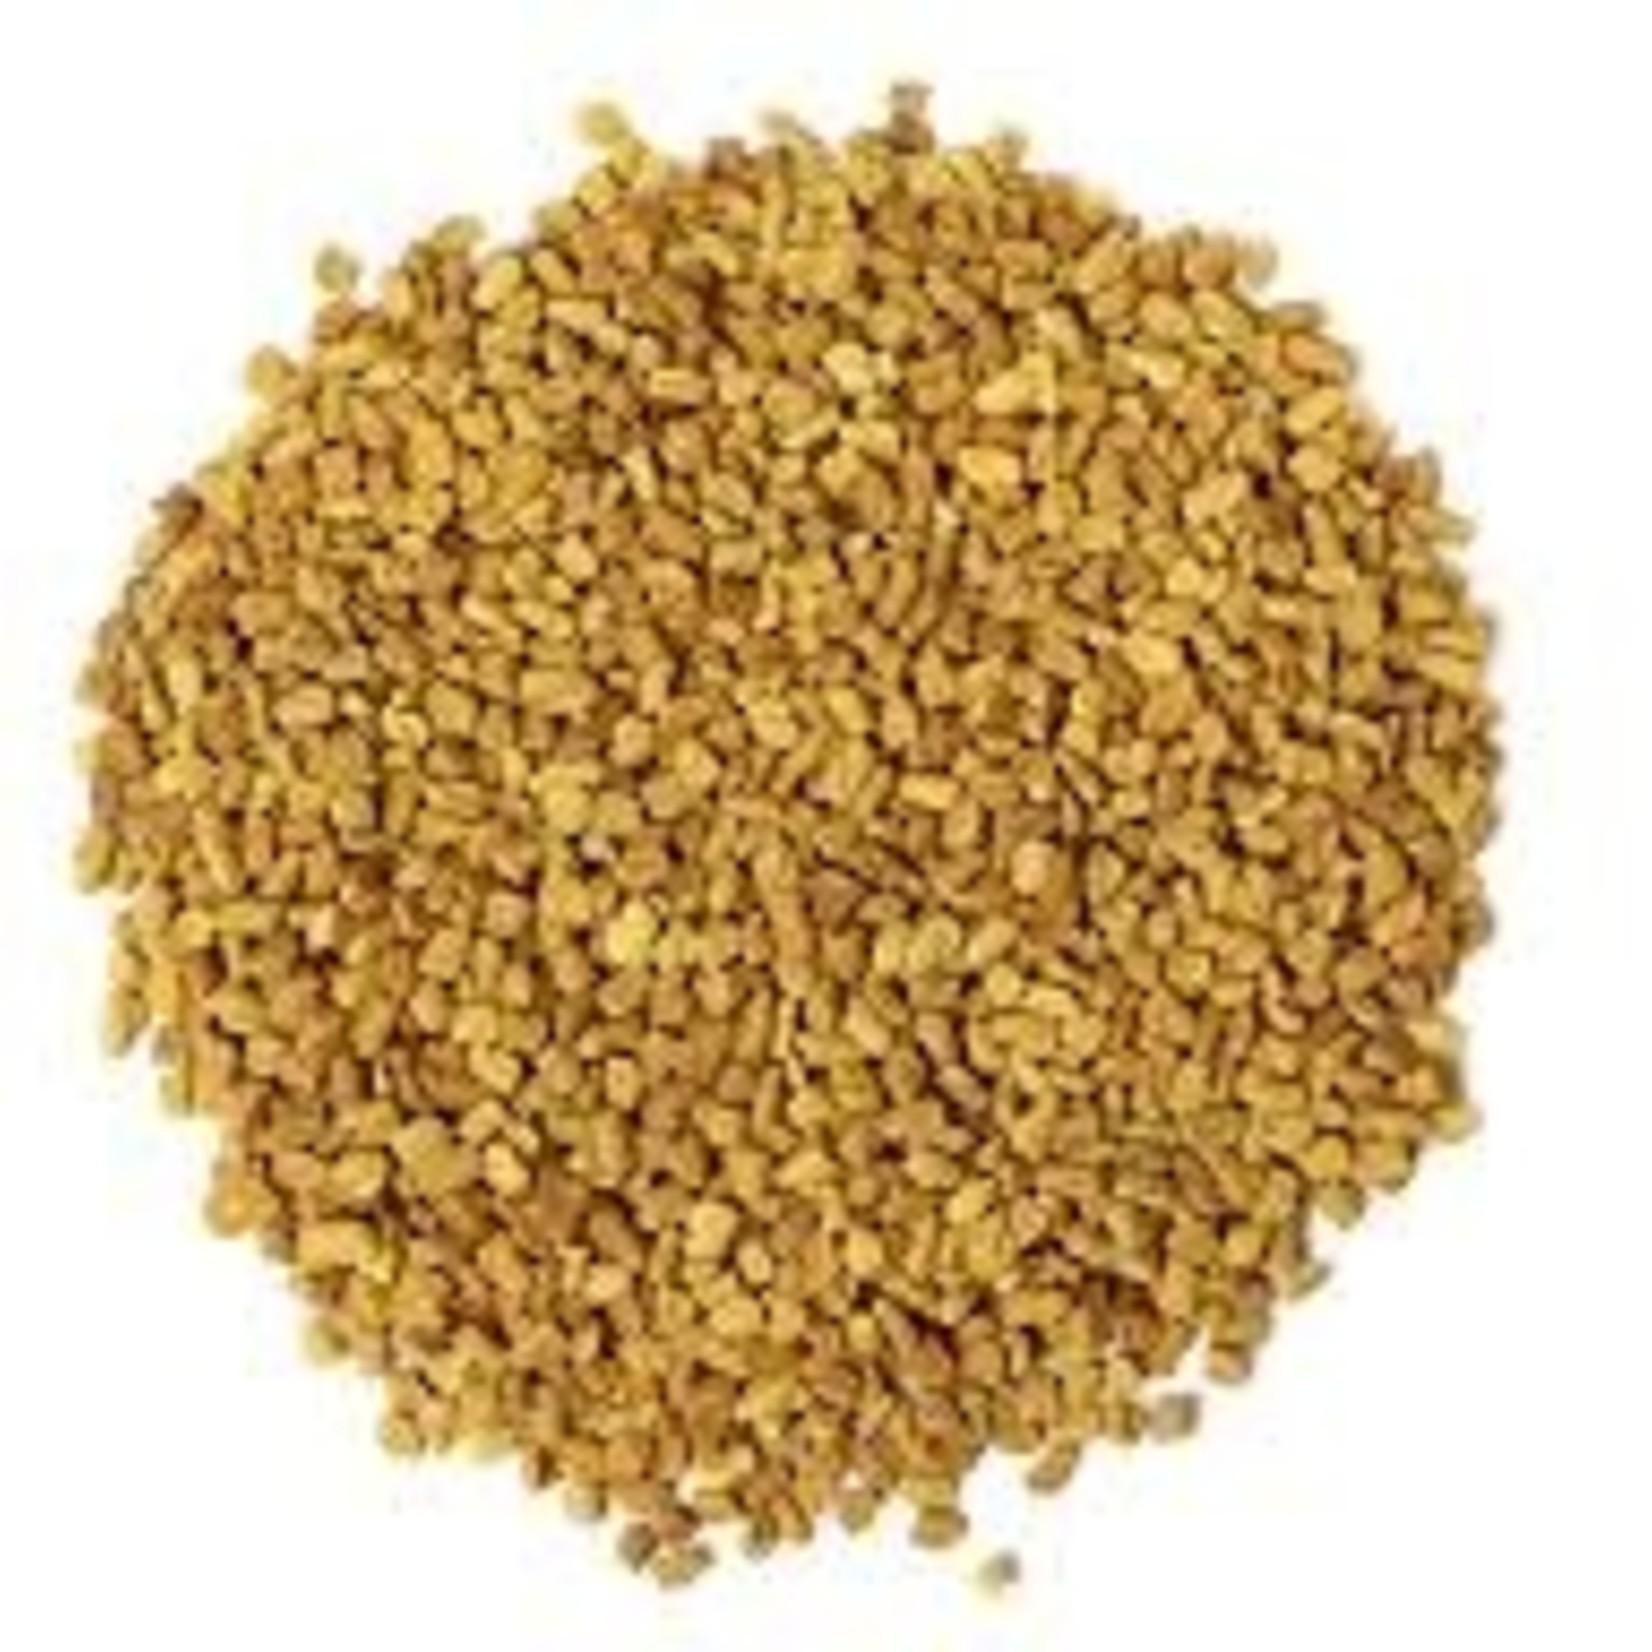 Fenugreek Seeds (3x4 Bag)